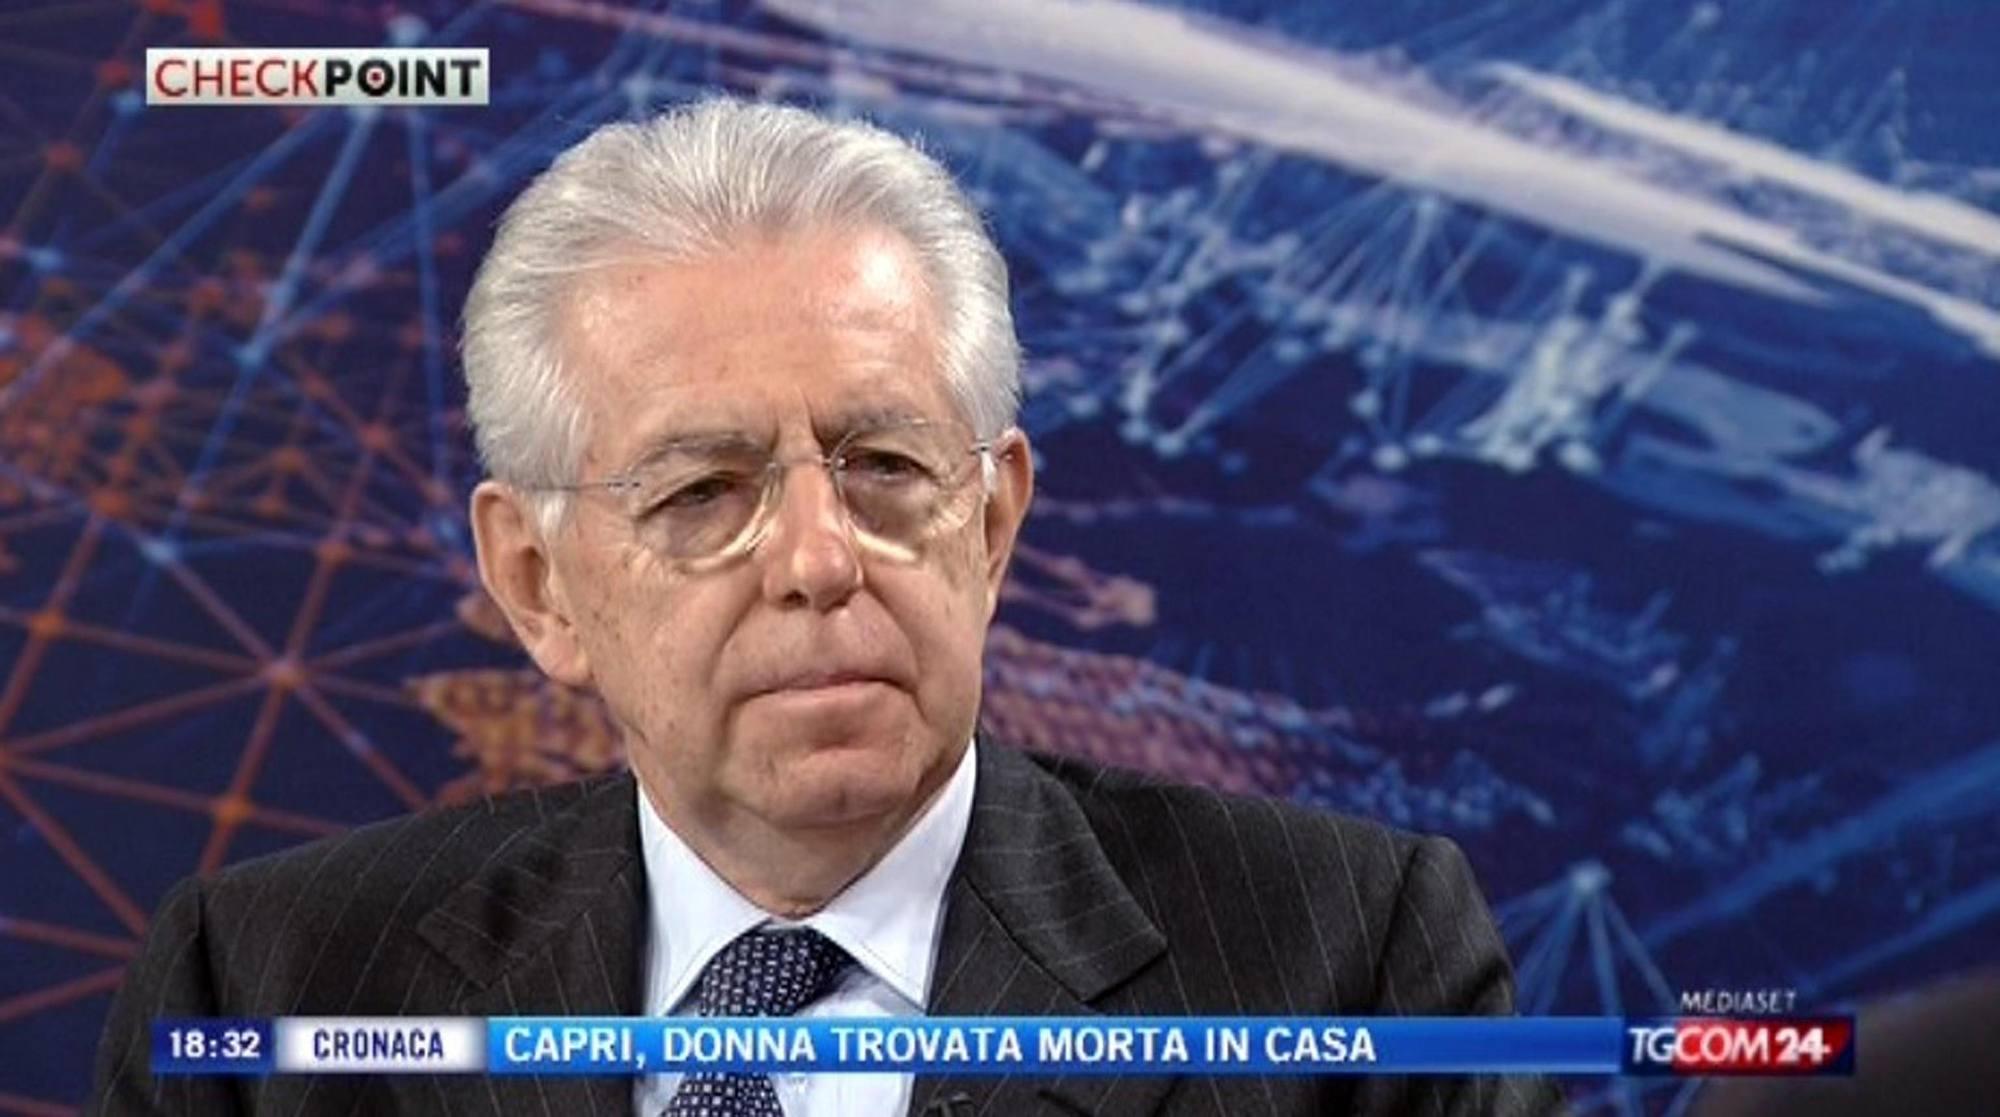 Il presidente del consiglio dimissionario Mario Monti a CheckPoint (Ansa)